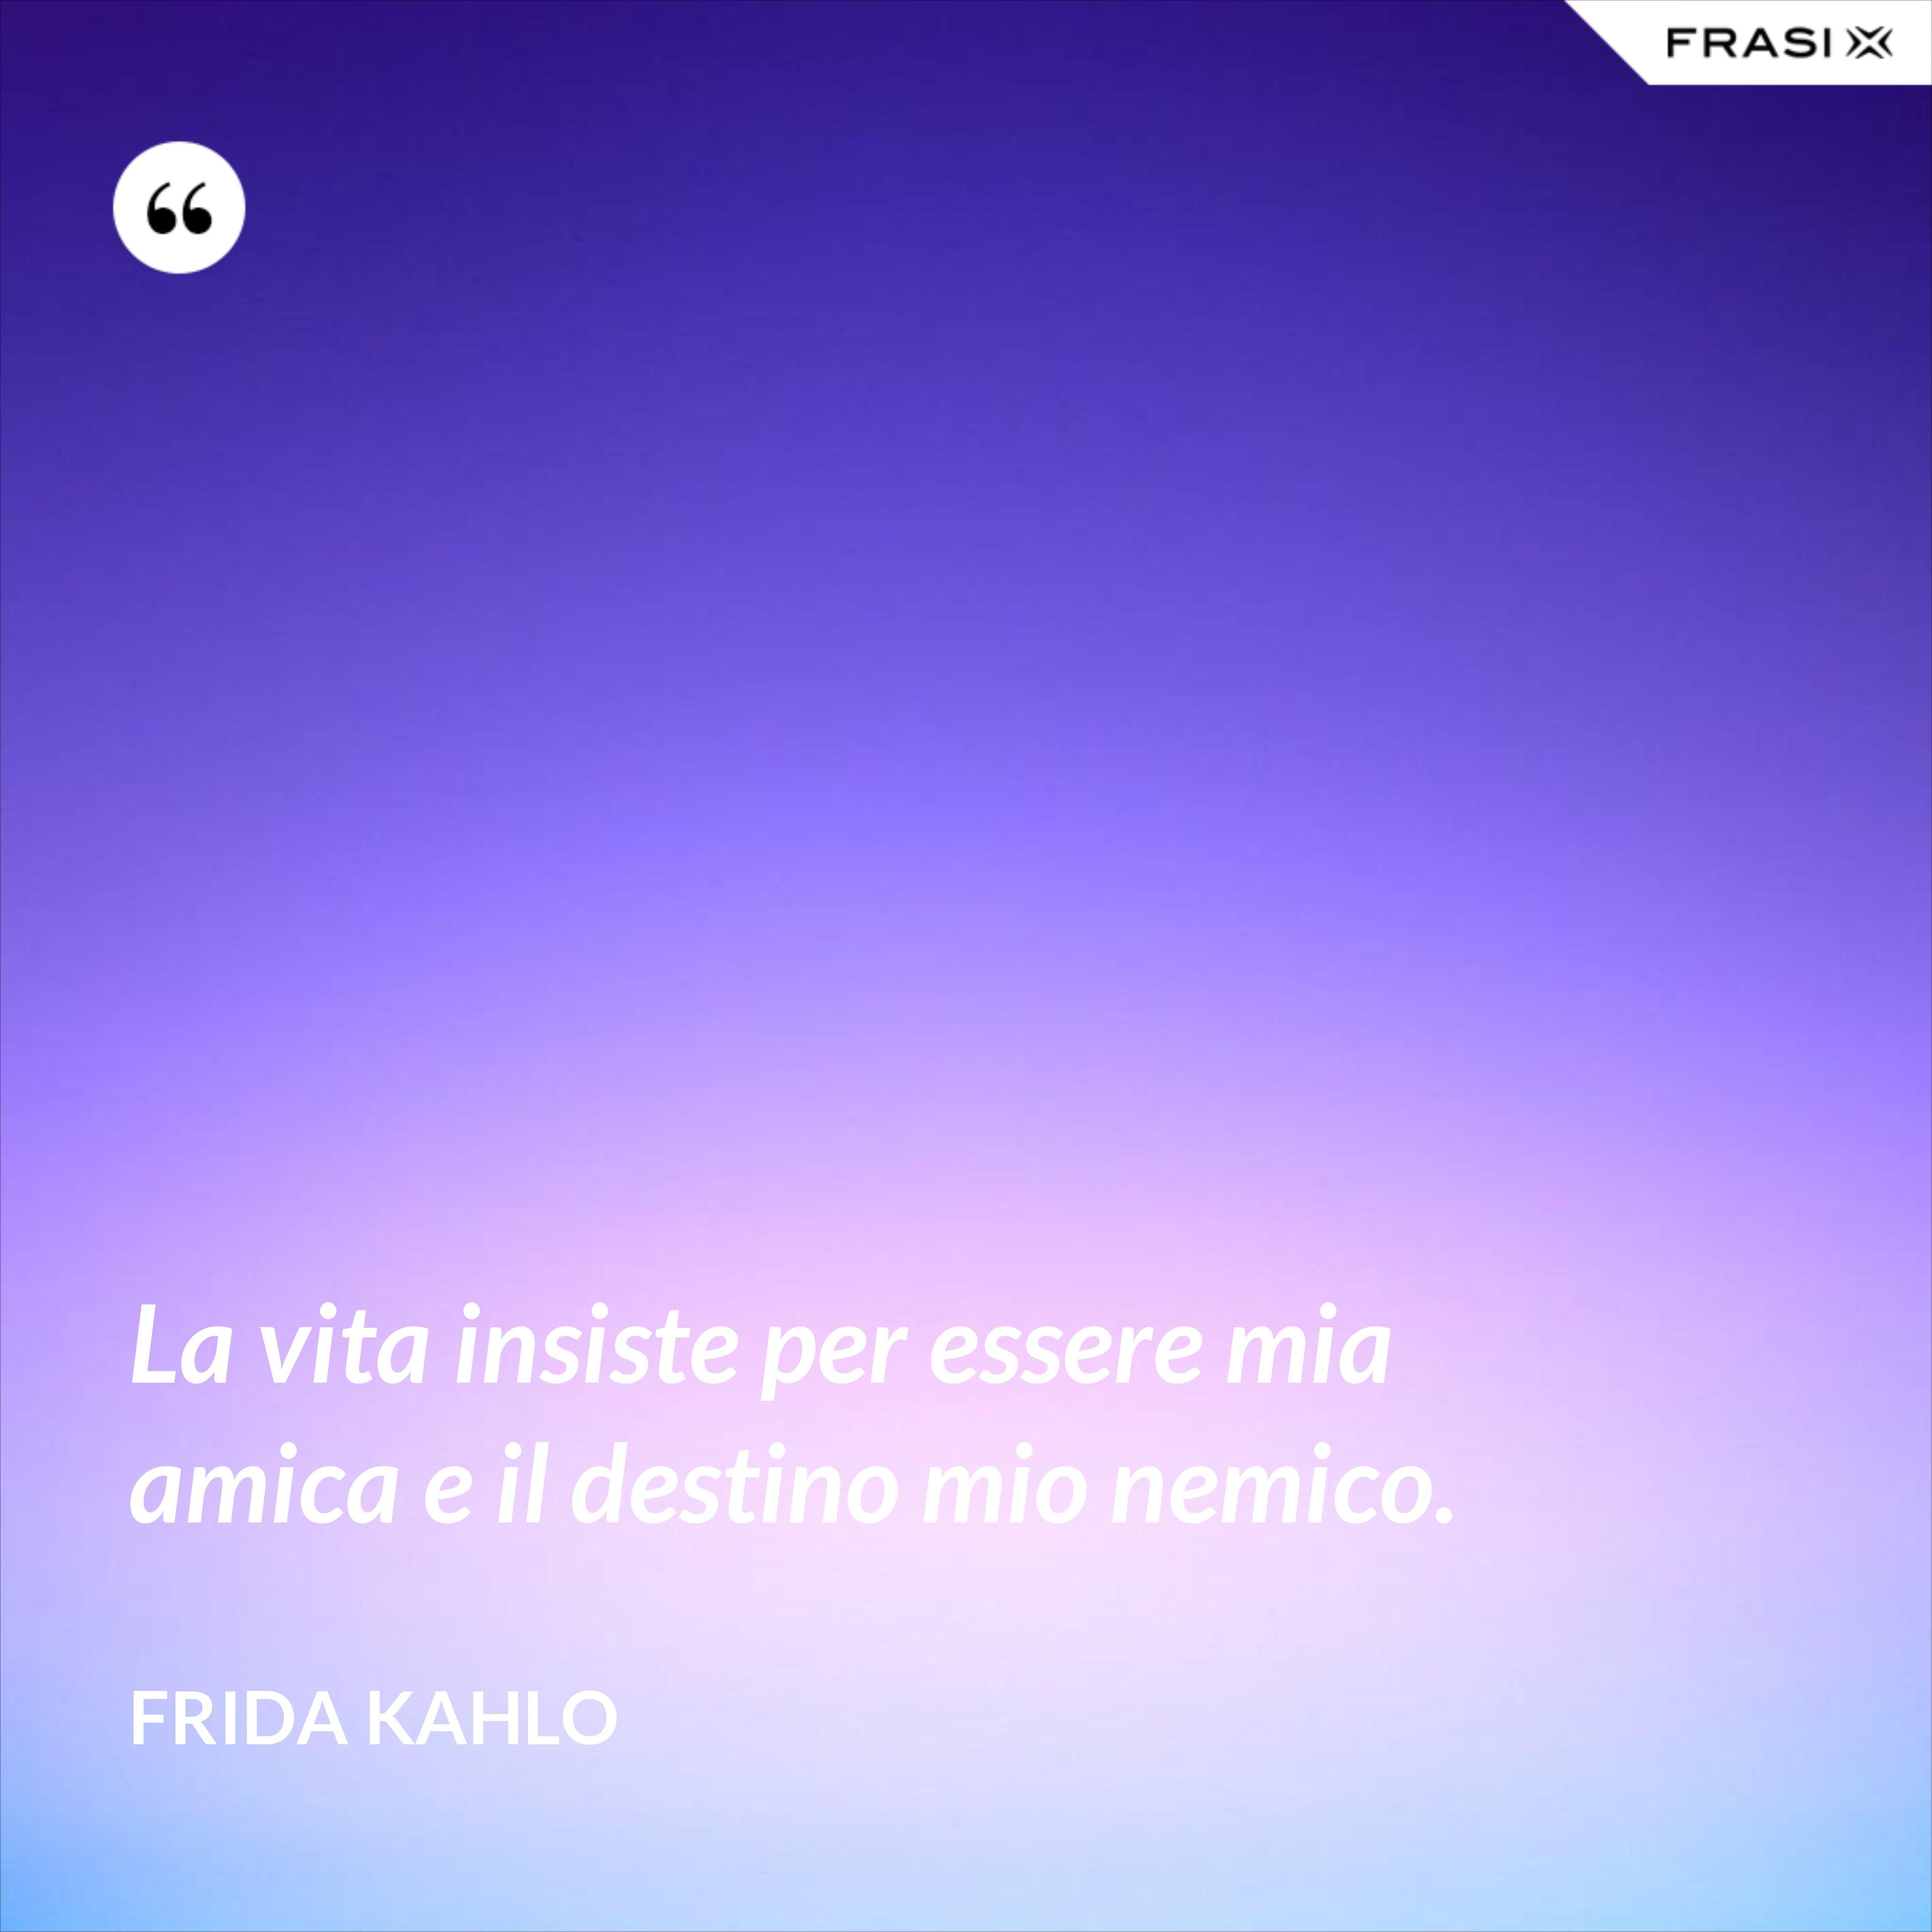 La vita insiste per essere mia amica e il destino mio nemico. - Frida Kahlo